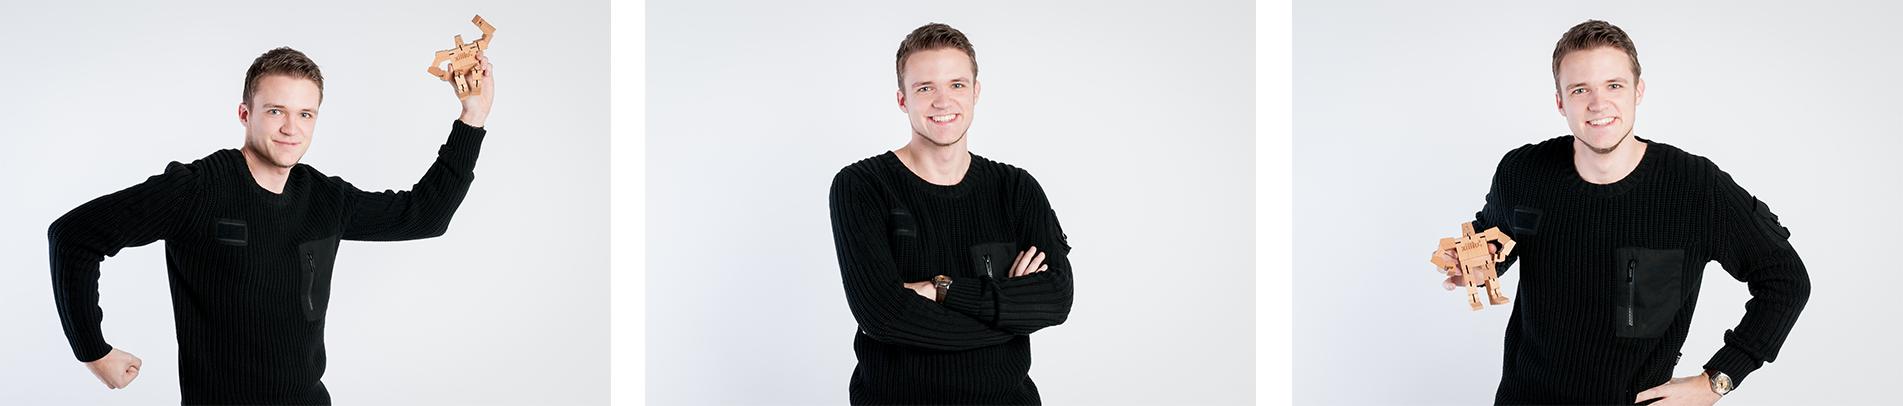 Pieter_interview